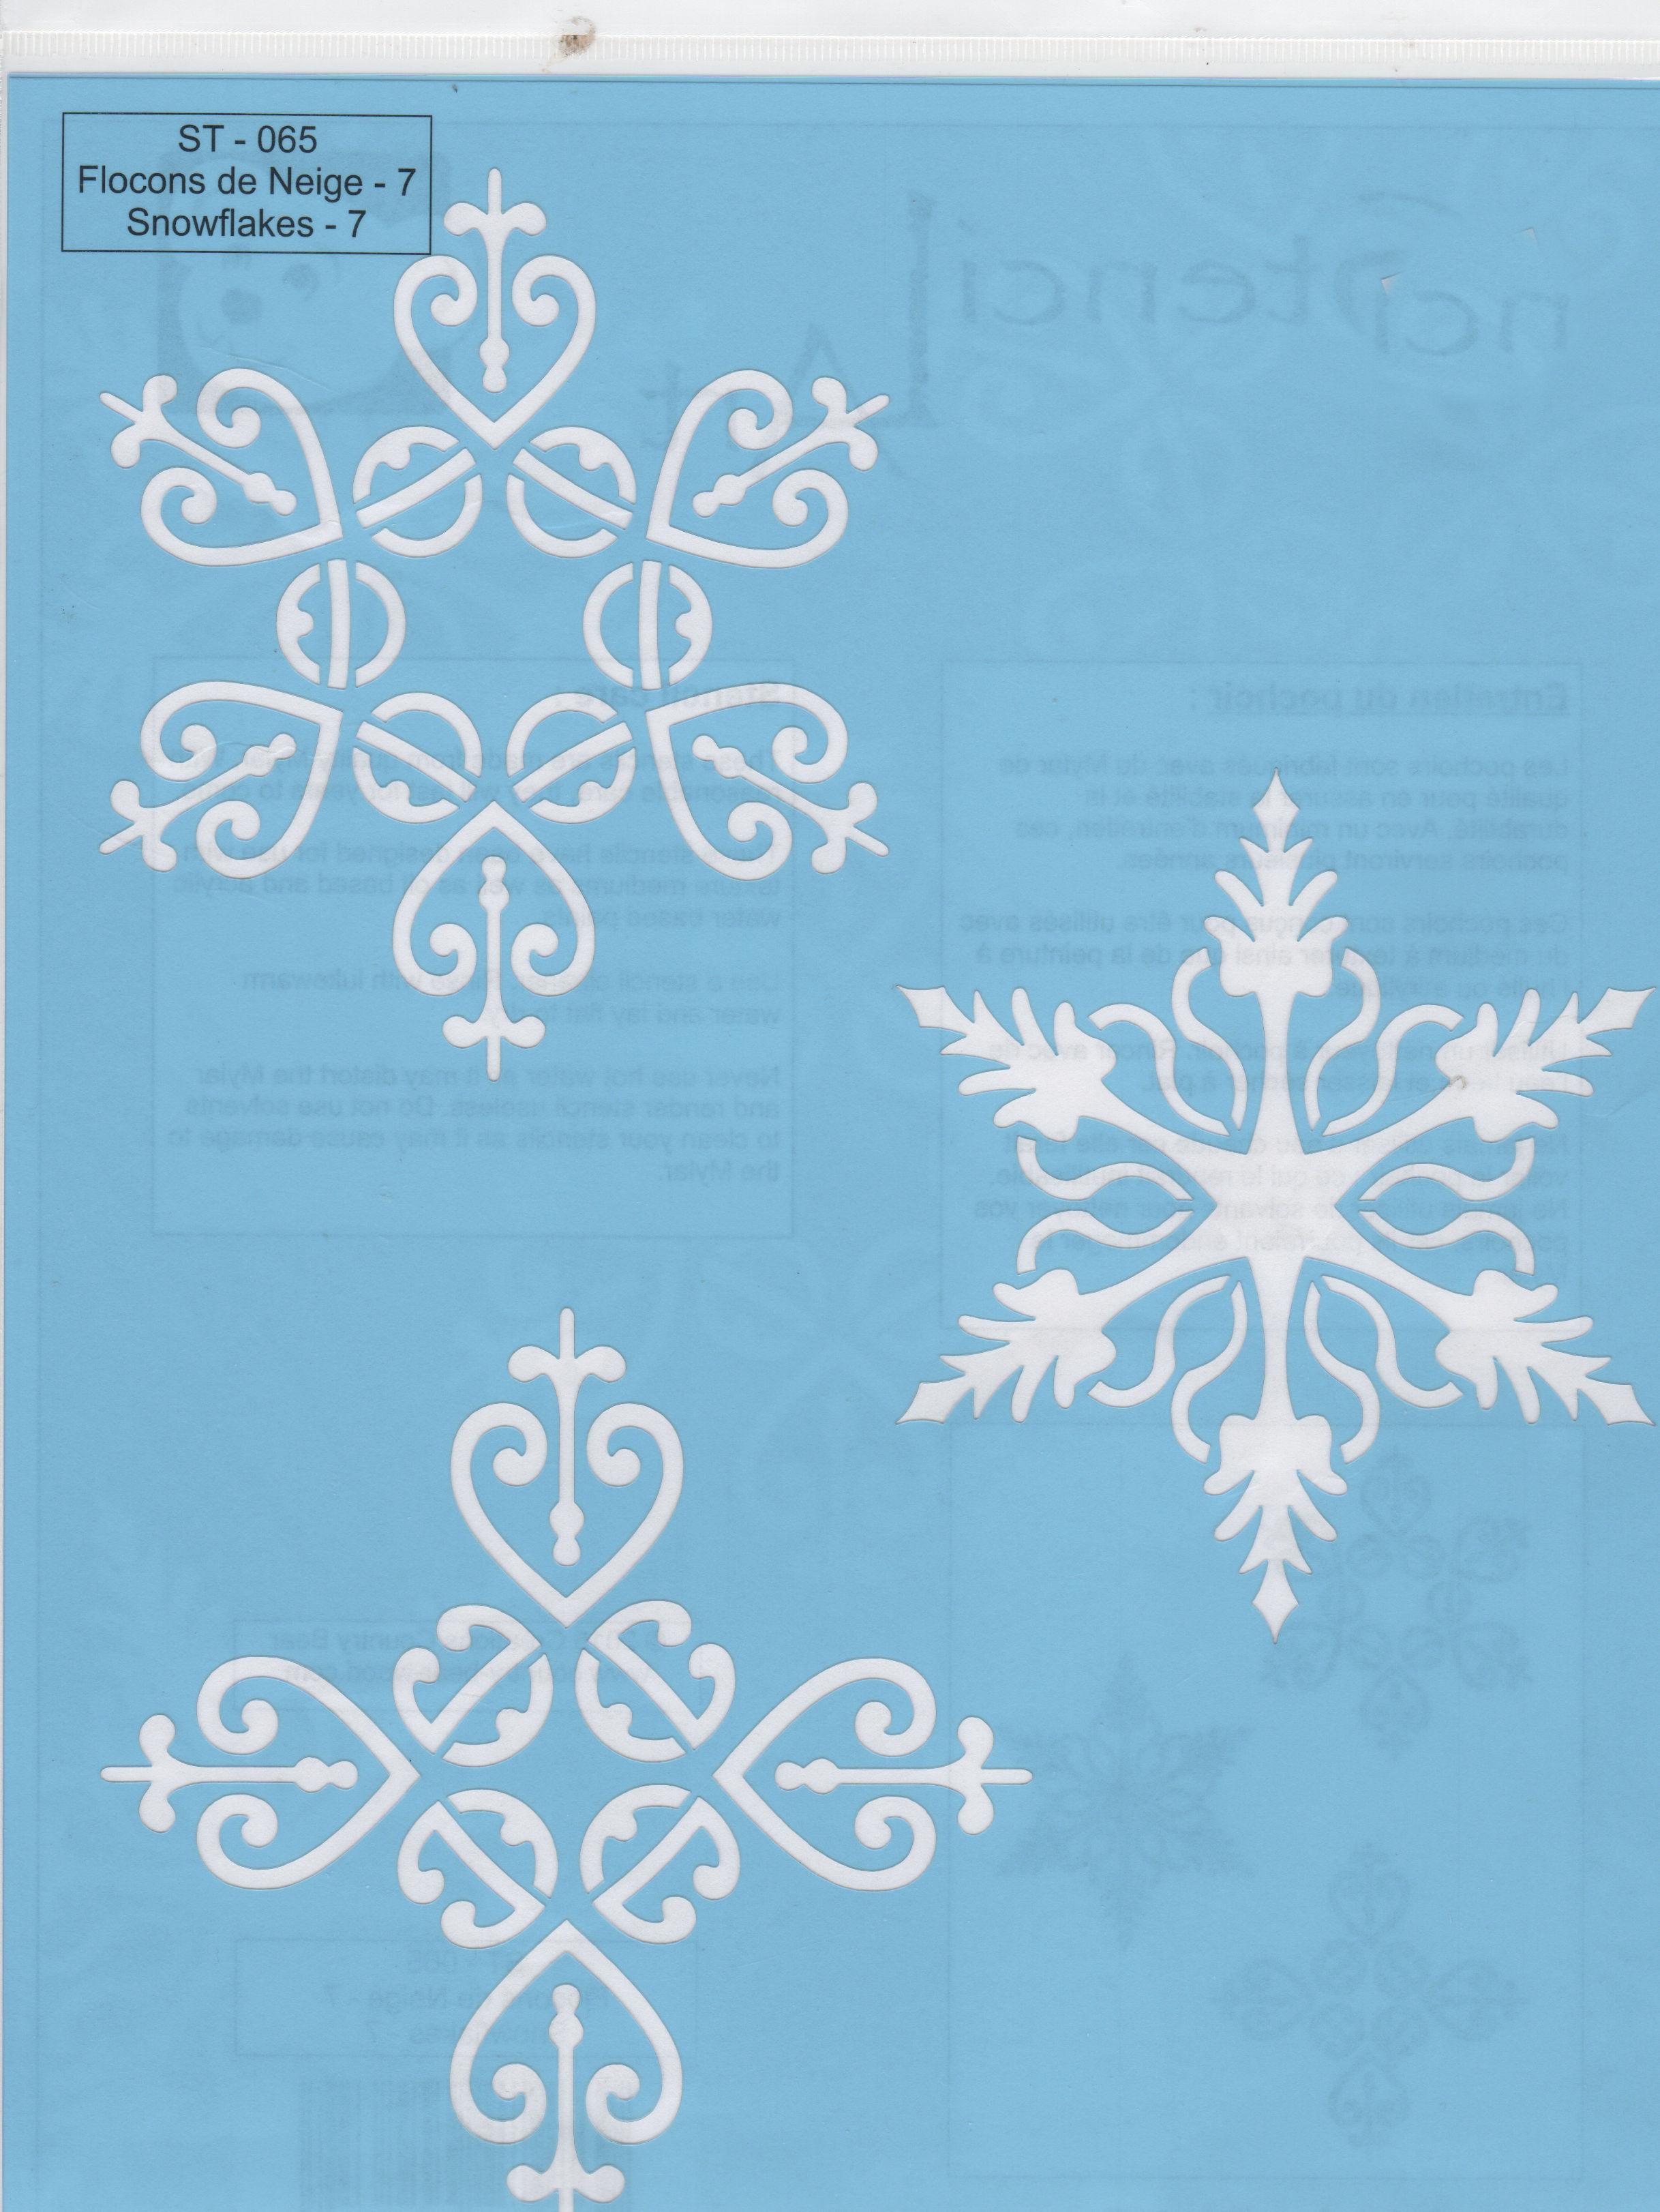 tm-snowflakes-2-st-065.jpg